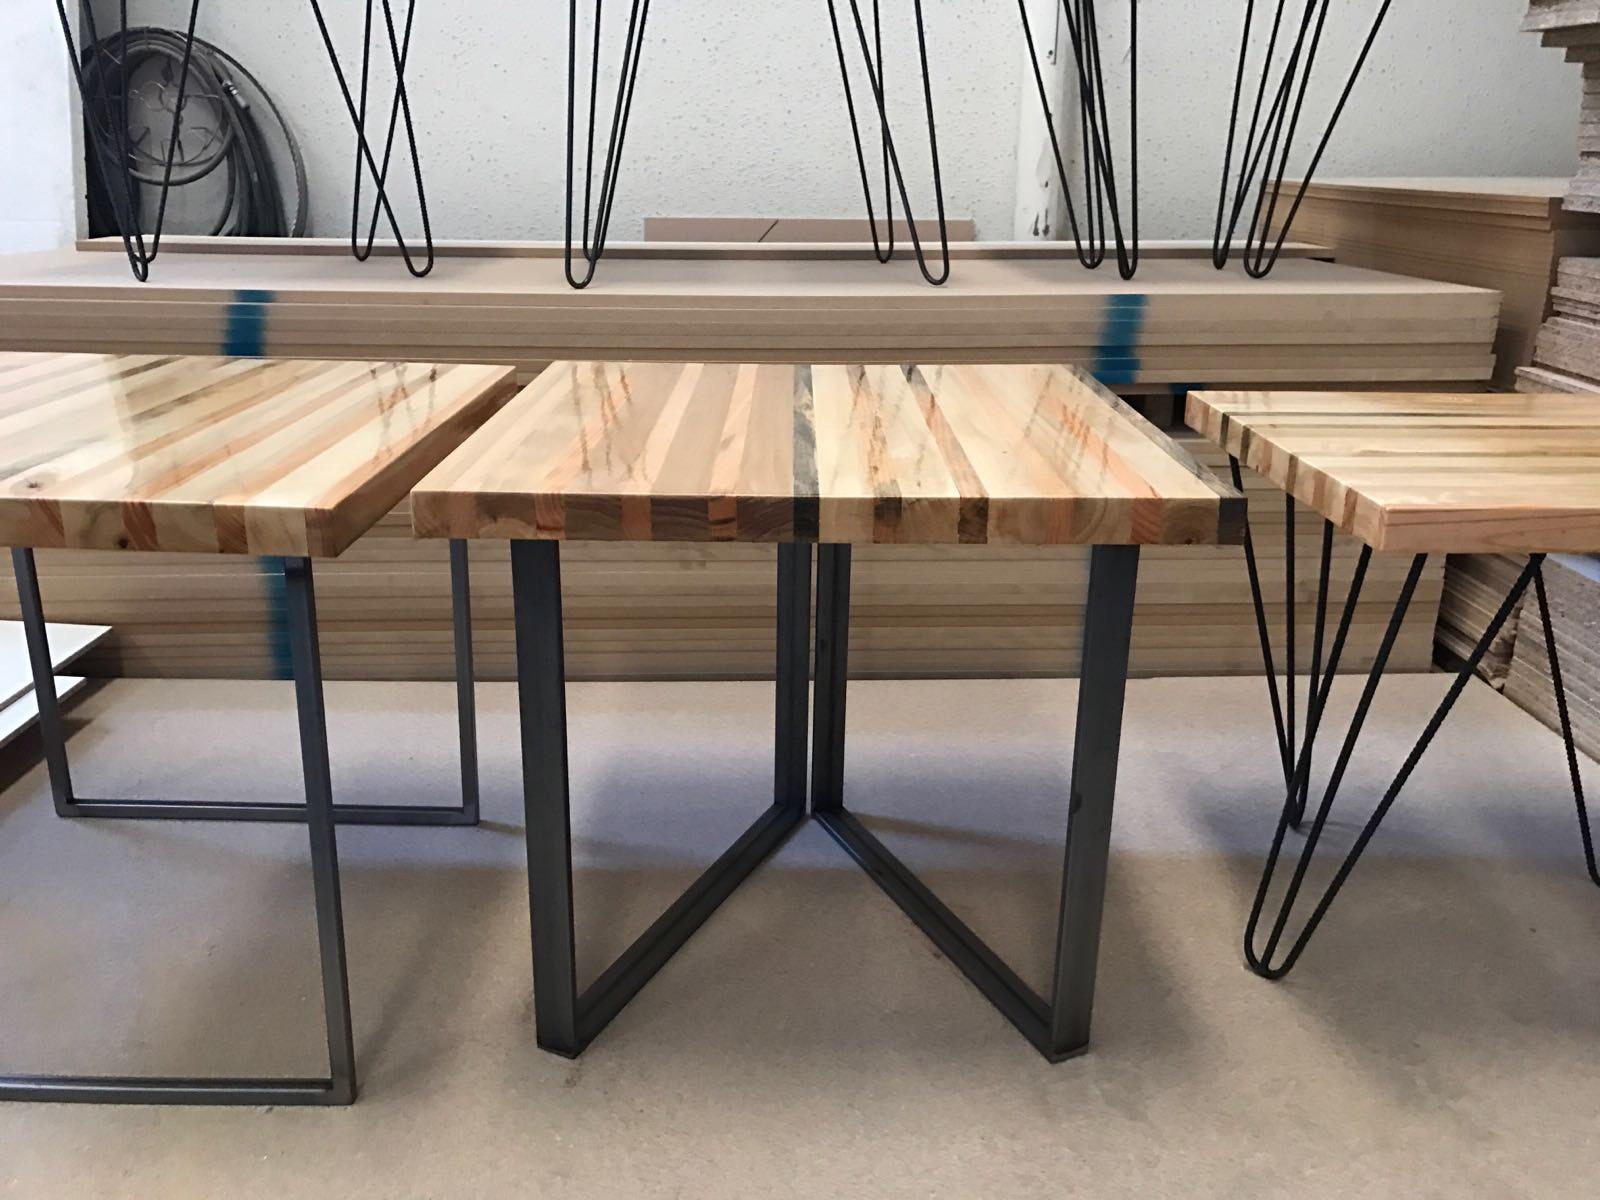 Artesan a del metal muebles industriales a medida for Muebles industriales metal baratos